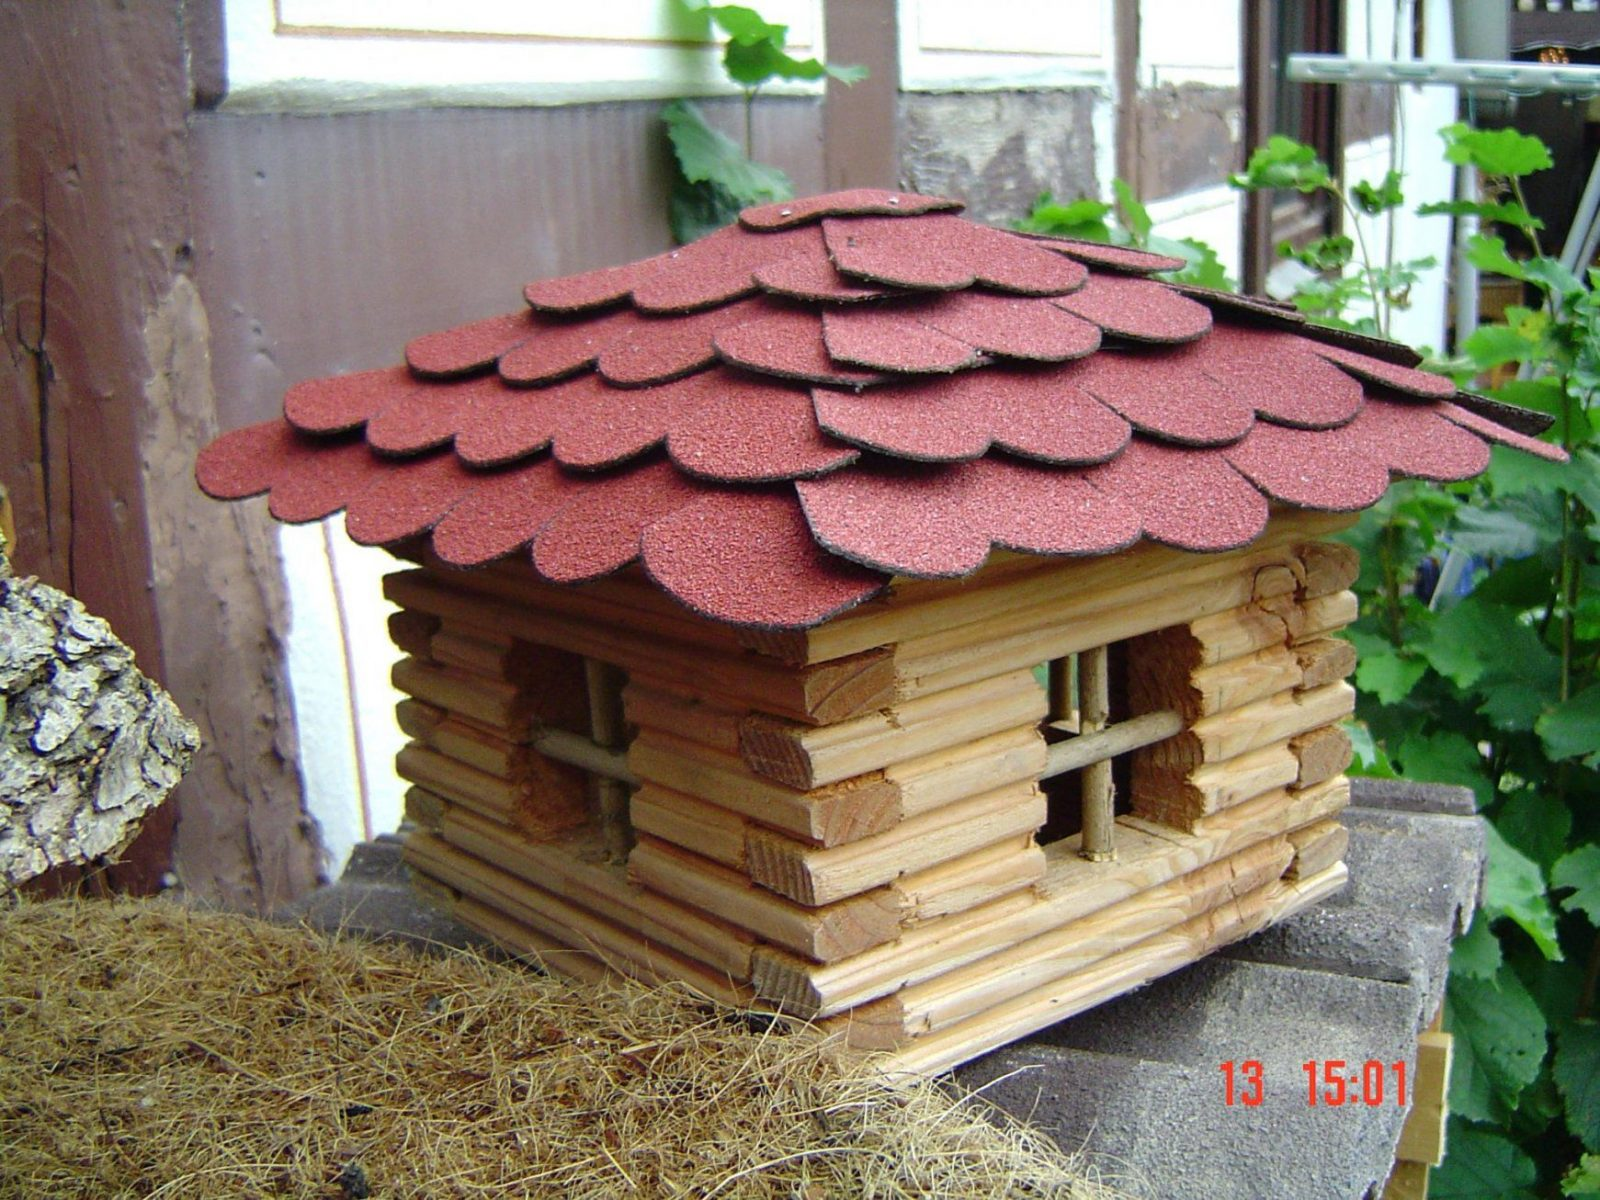 Vogelhauschen Bauen Vogelhaus Blockhaus Fa 1 4 R Vagel Bauanleitung von Blockhaus Selber Bauen Anleitung Photo